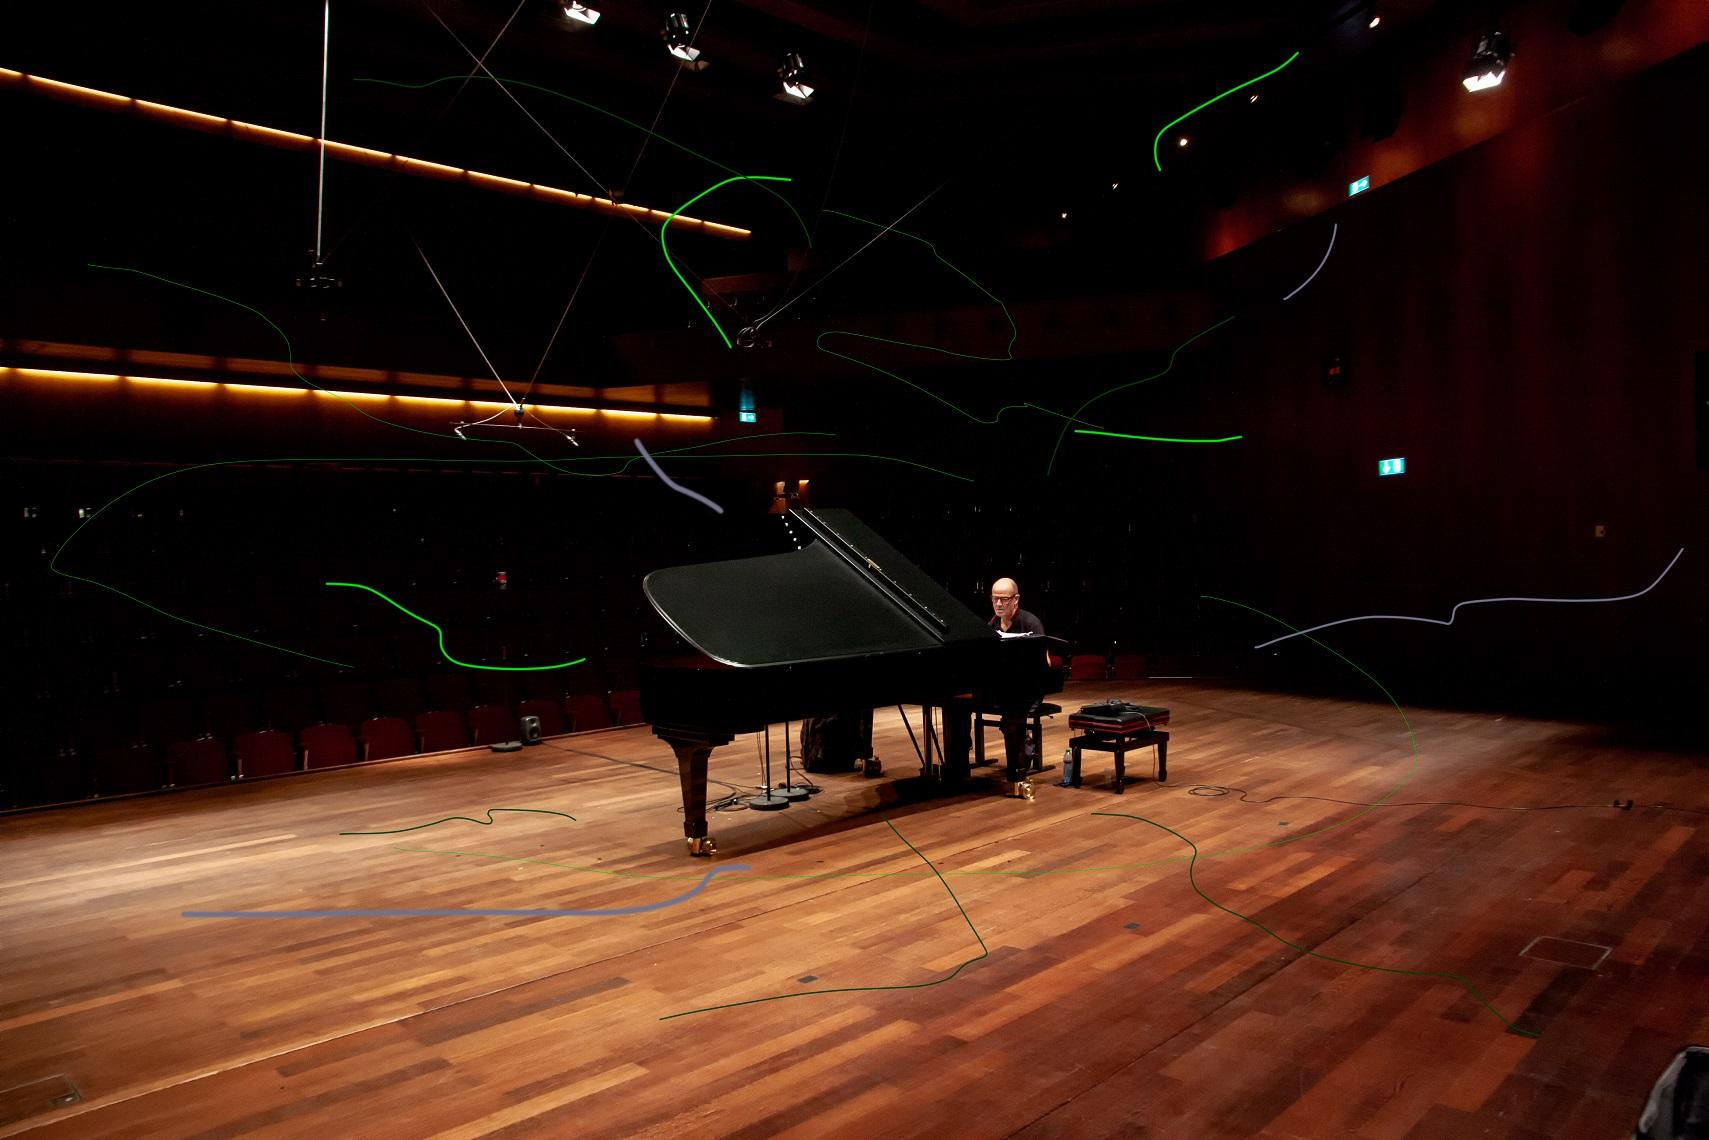 El piano de Jon Balke protagonizará la primera sesión del Festival de Música Visual de Lanzarote